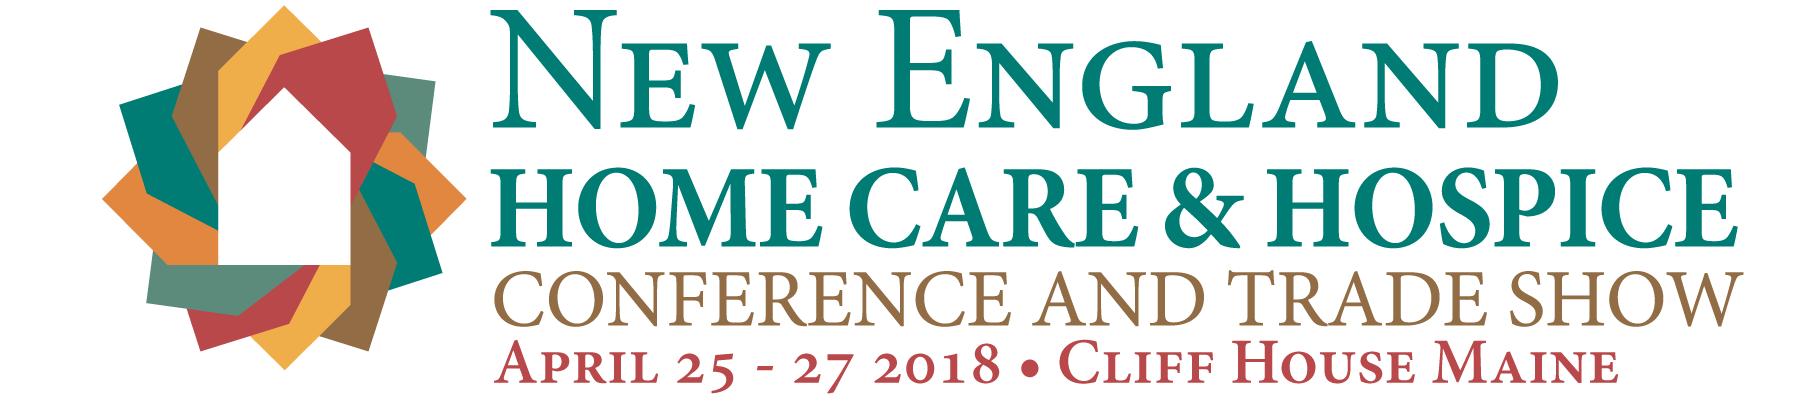 nehcc-2018-logo